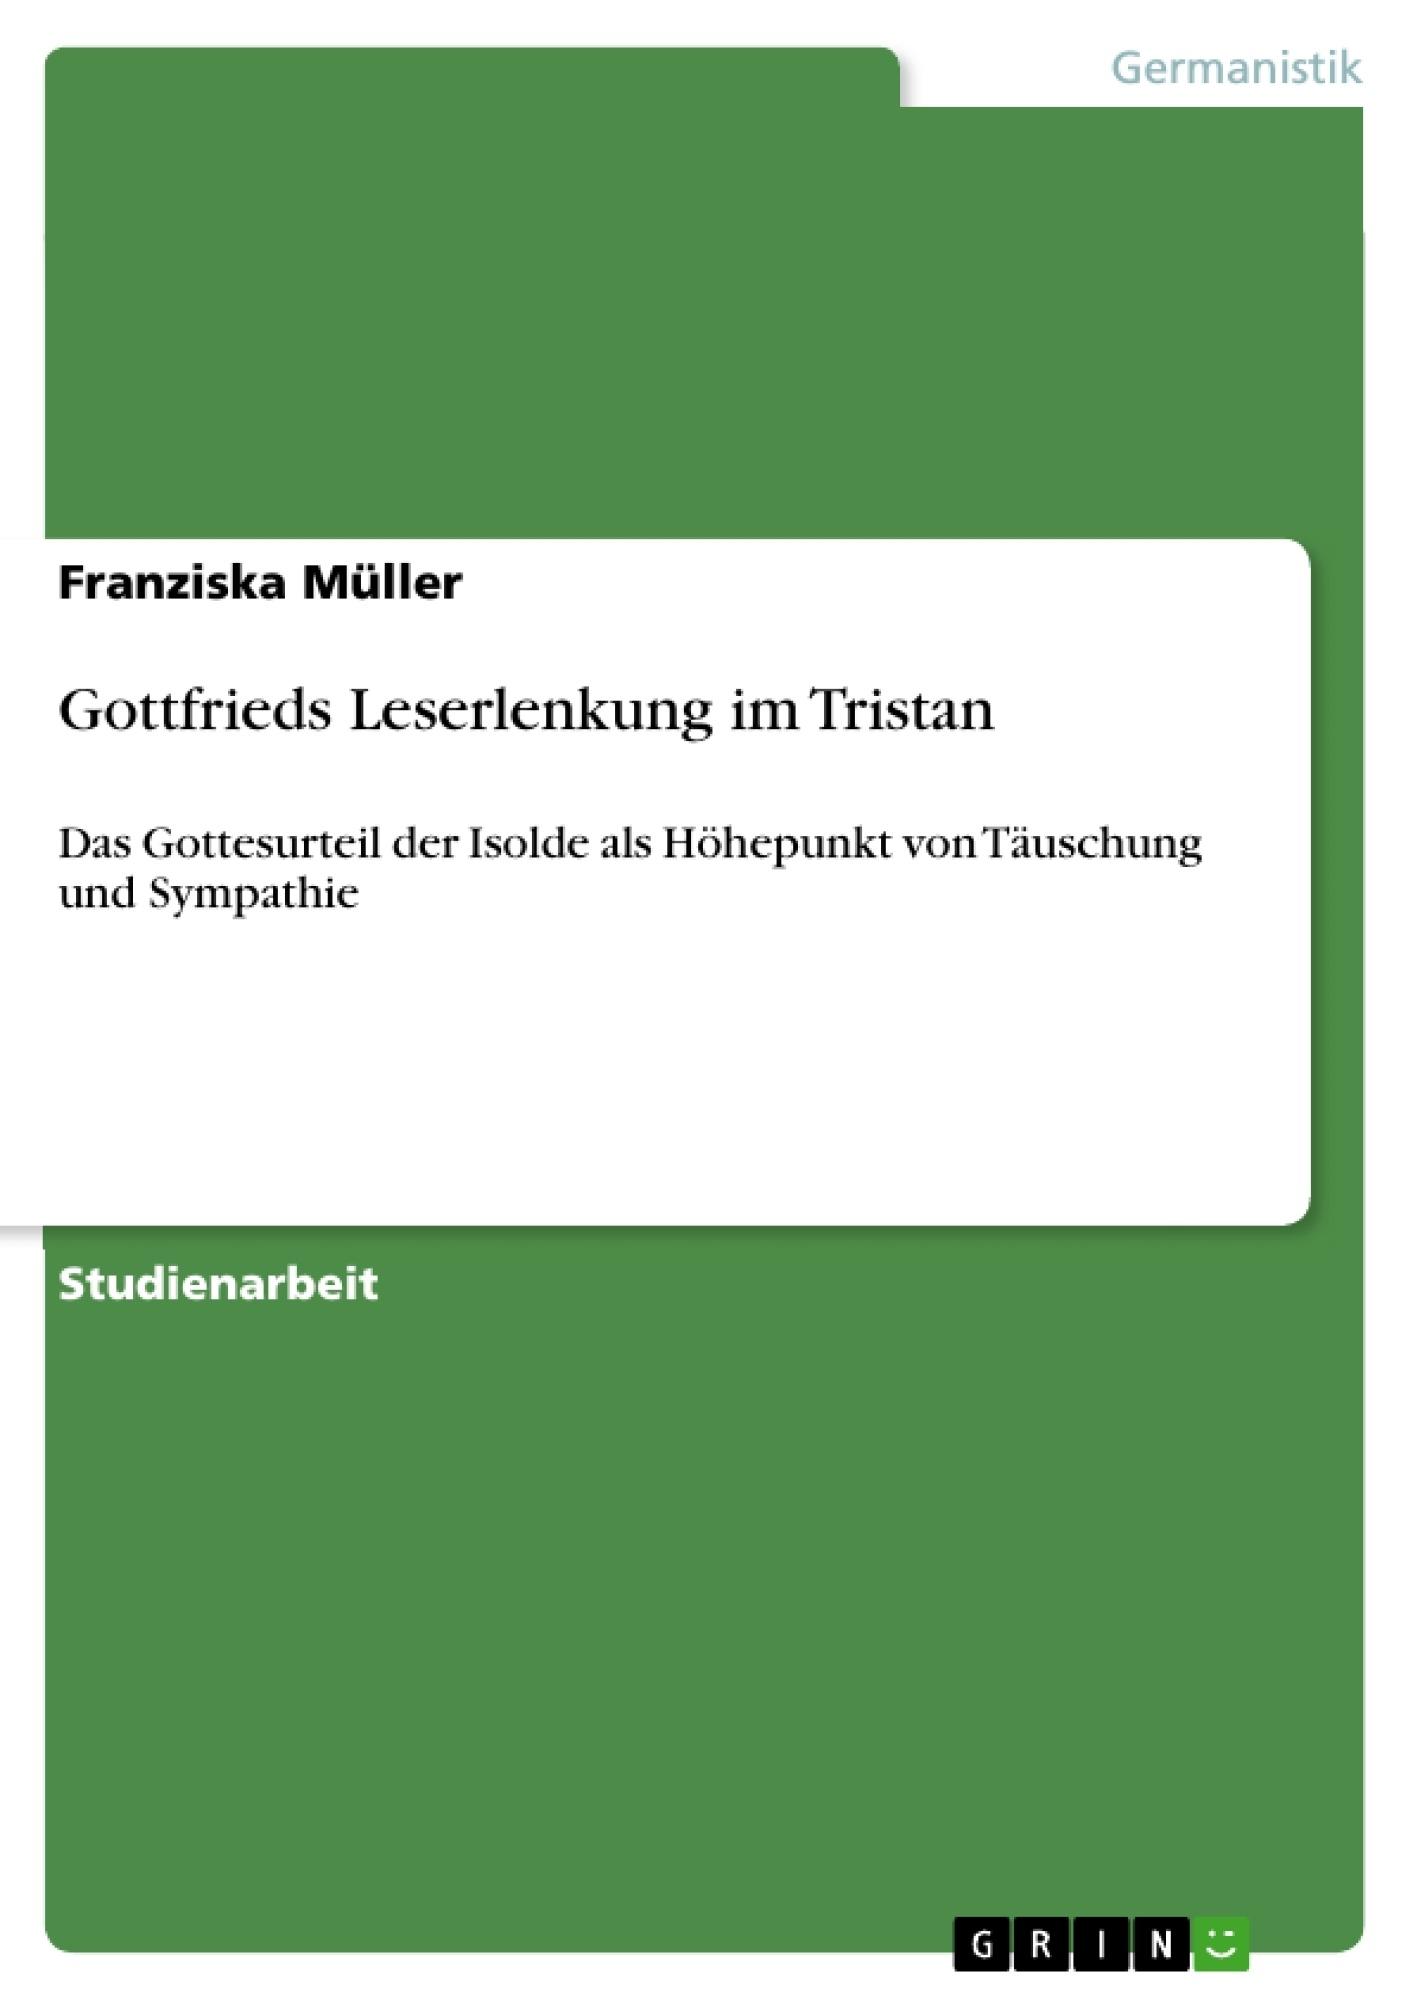 Titel: Gottfrieds Leserlenkung im Tristan